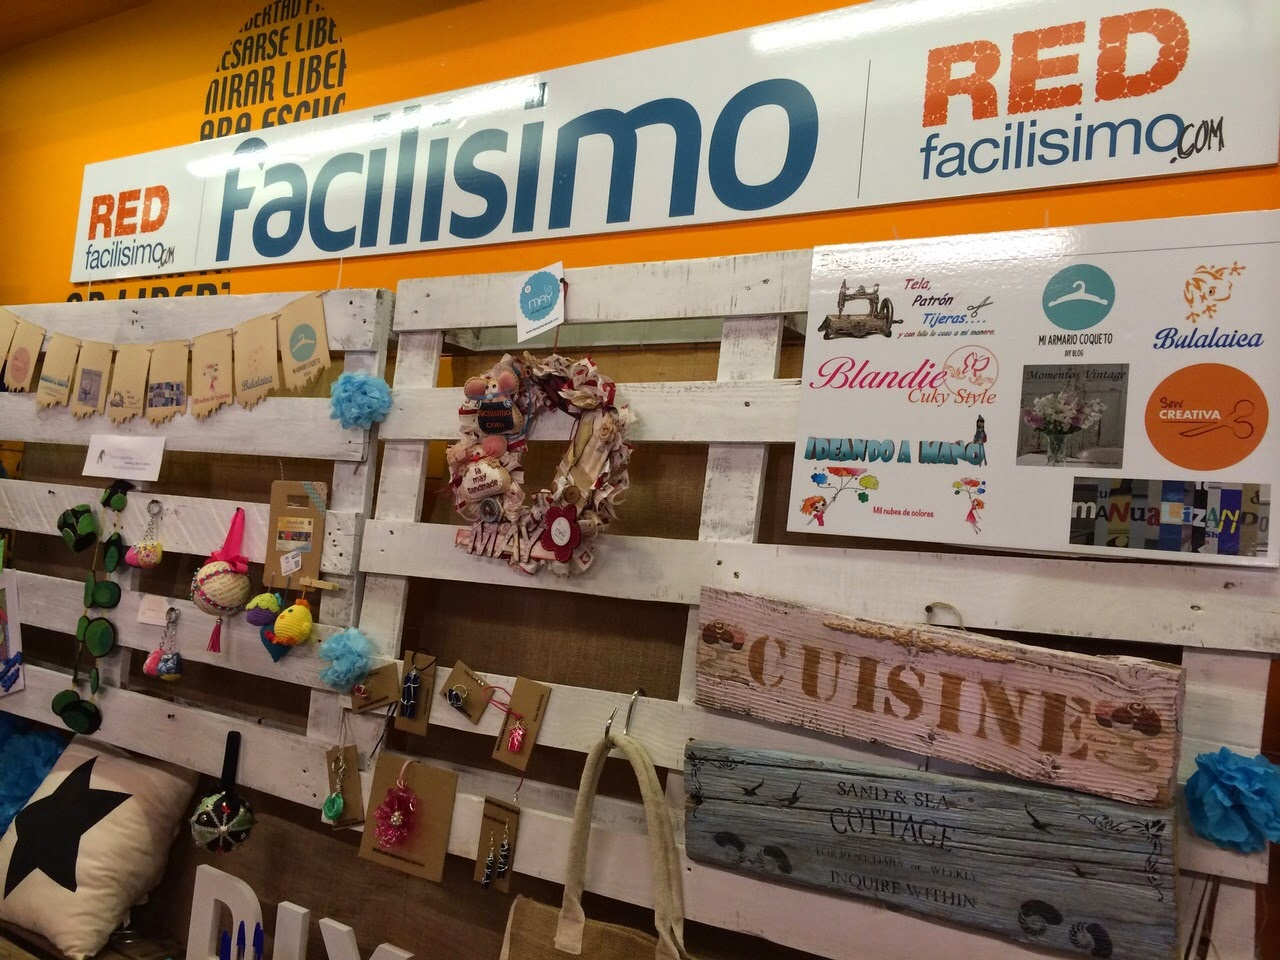 Manualizando diy show madrid - Feria de manualidades en barcelona ...